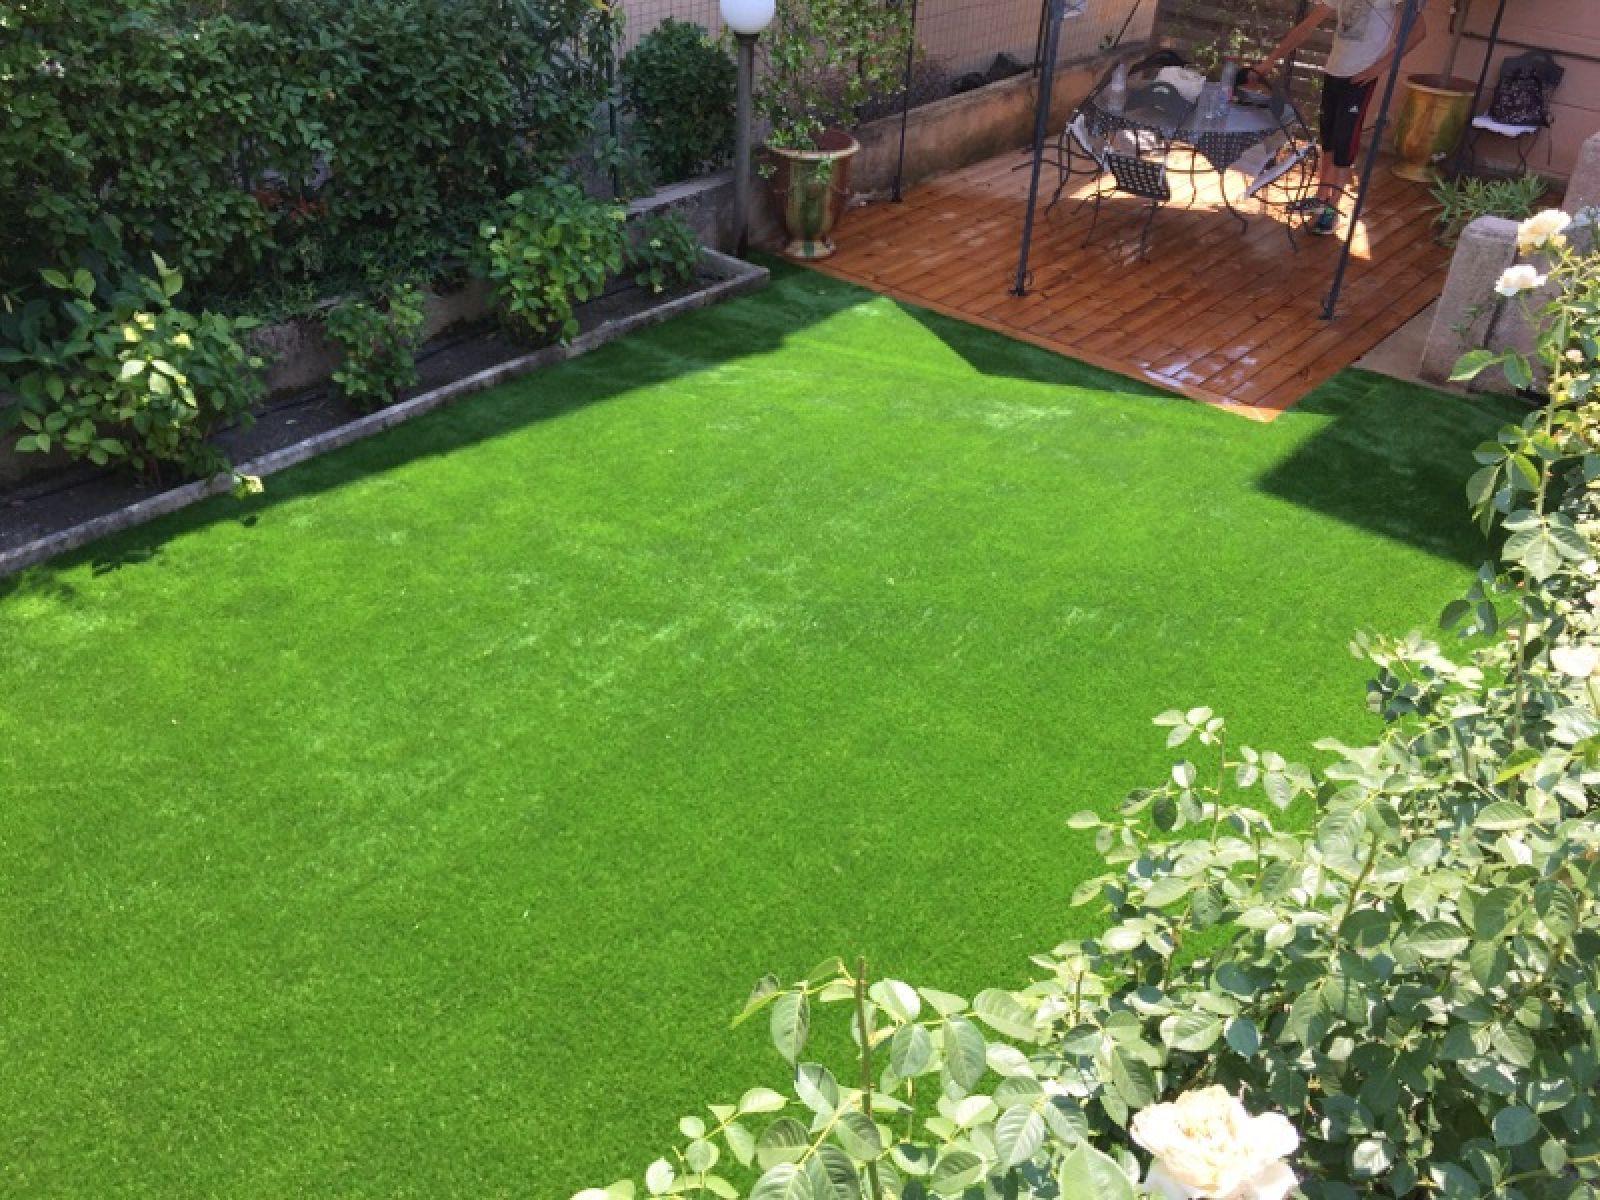 Comment Aménager Jardin Pas Cher aménager un jardin avec du gazon synthétique marseille